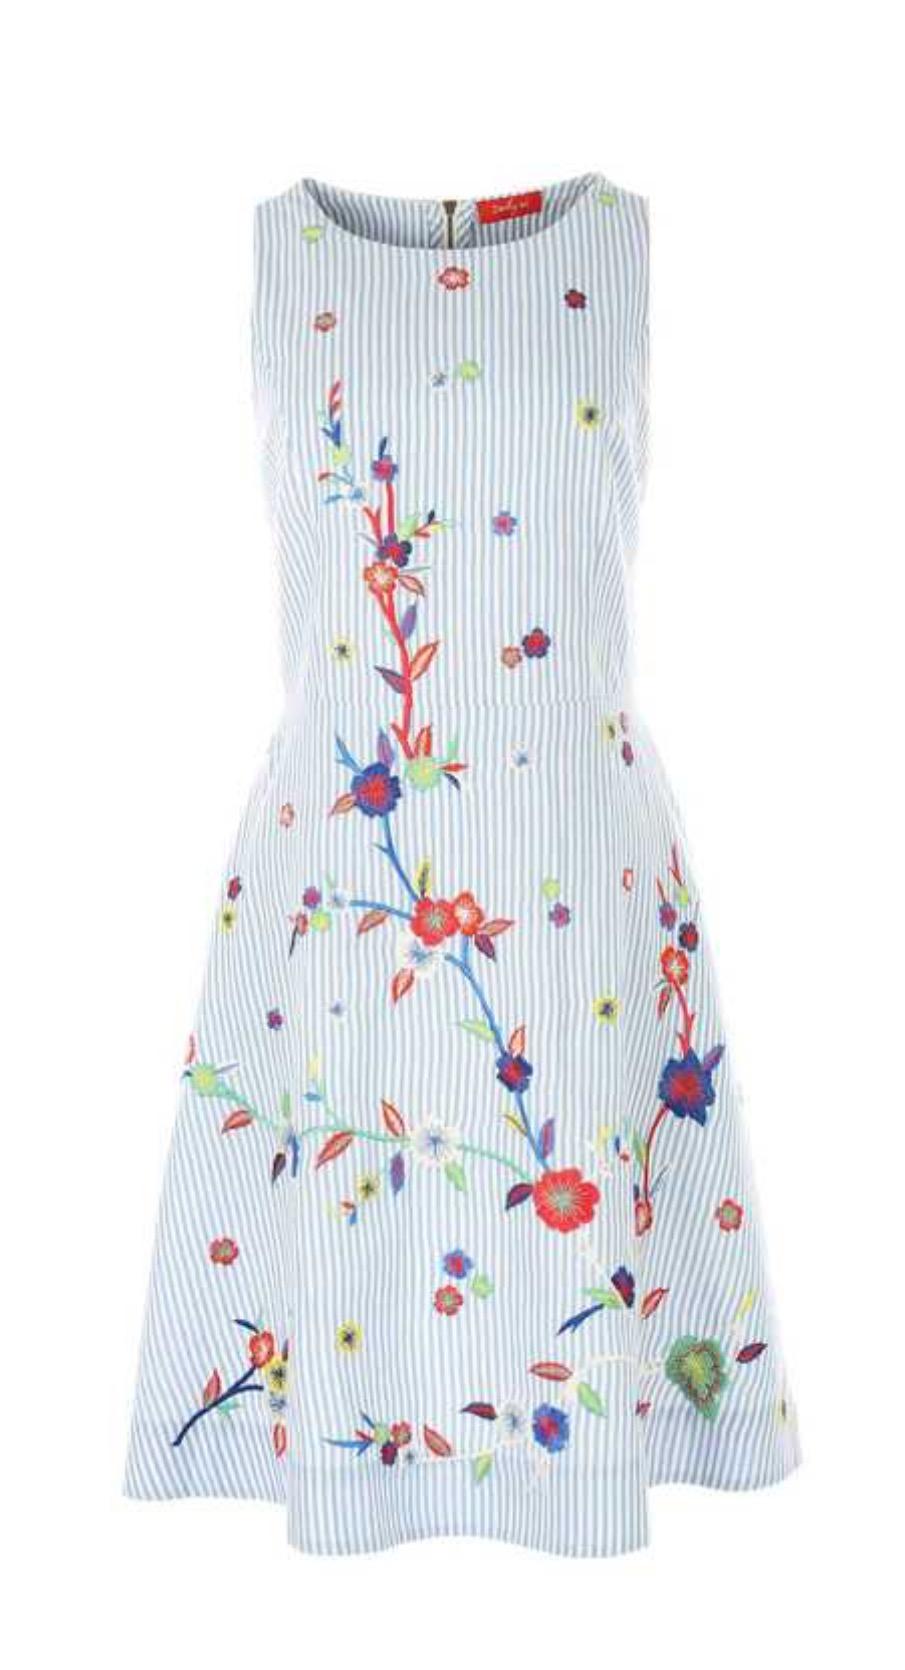 שמלת פסים עם פרחים רקומים בגזרה ישרה